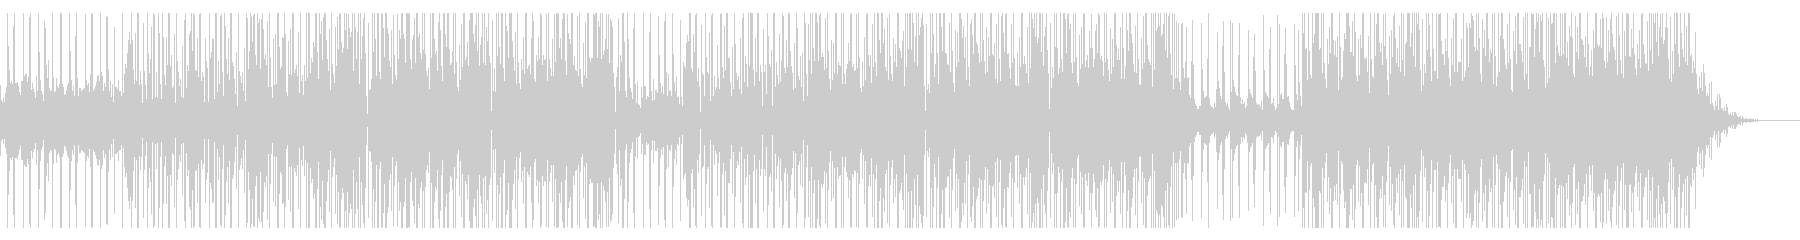 切ない歌謡曲系シティポップインストの未再生の波形